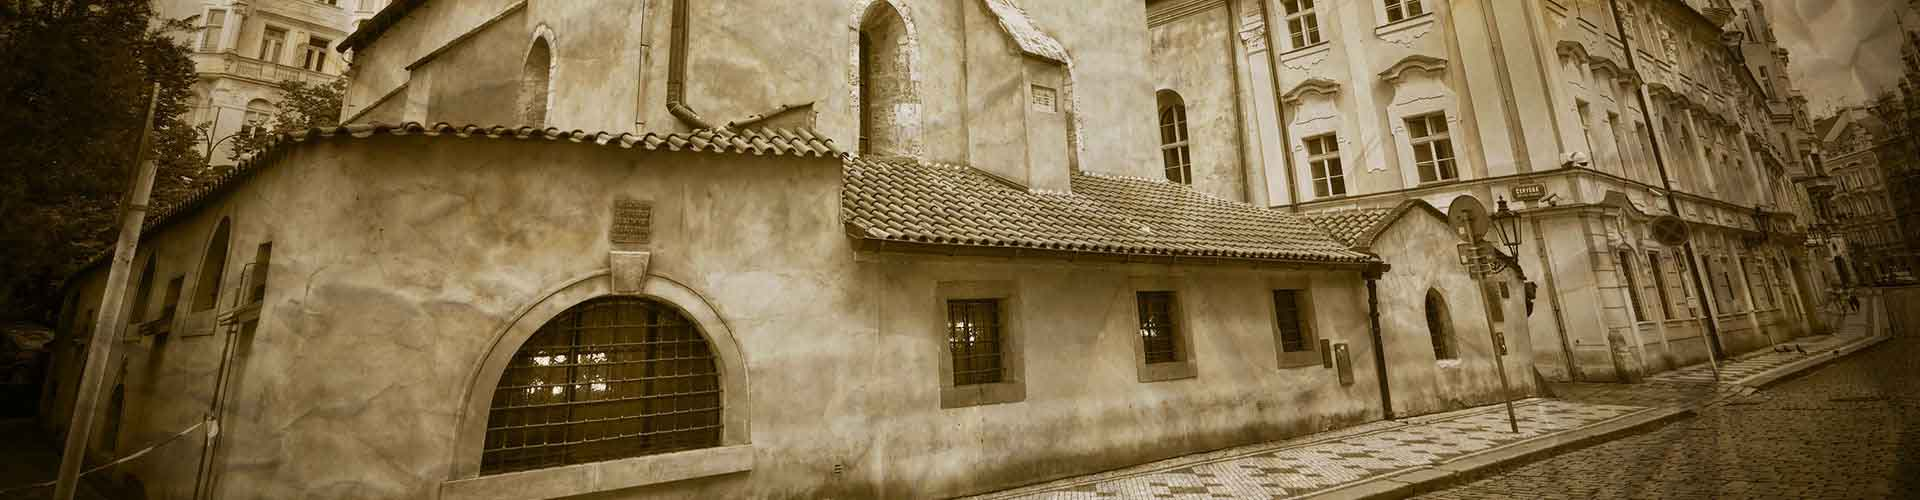 Prague - Auberges de jeunesse près de Hôtel de ville juif. Cartes pour Prague, photos et commentaires pour chaque auberge de jeunesse à Prague.